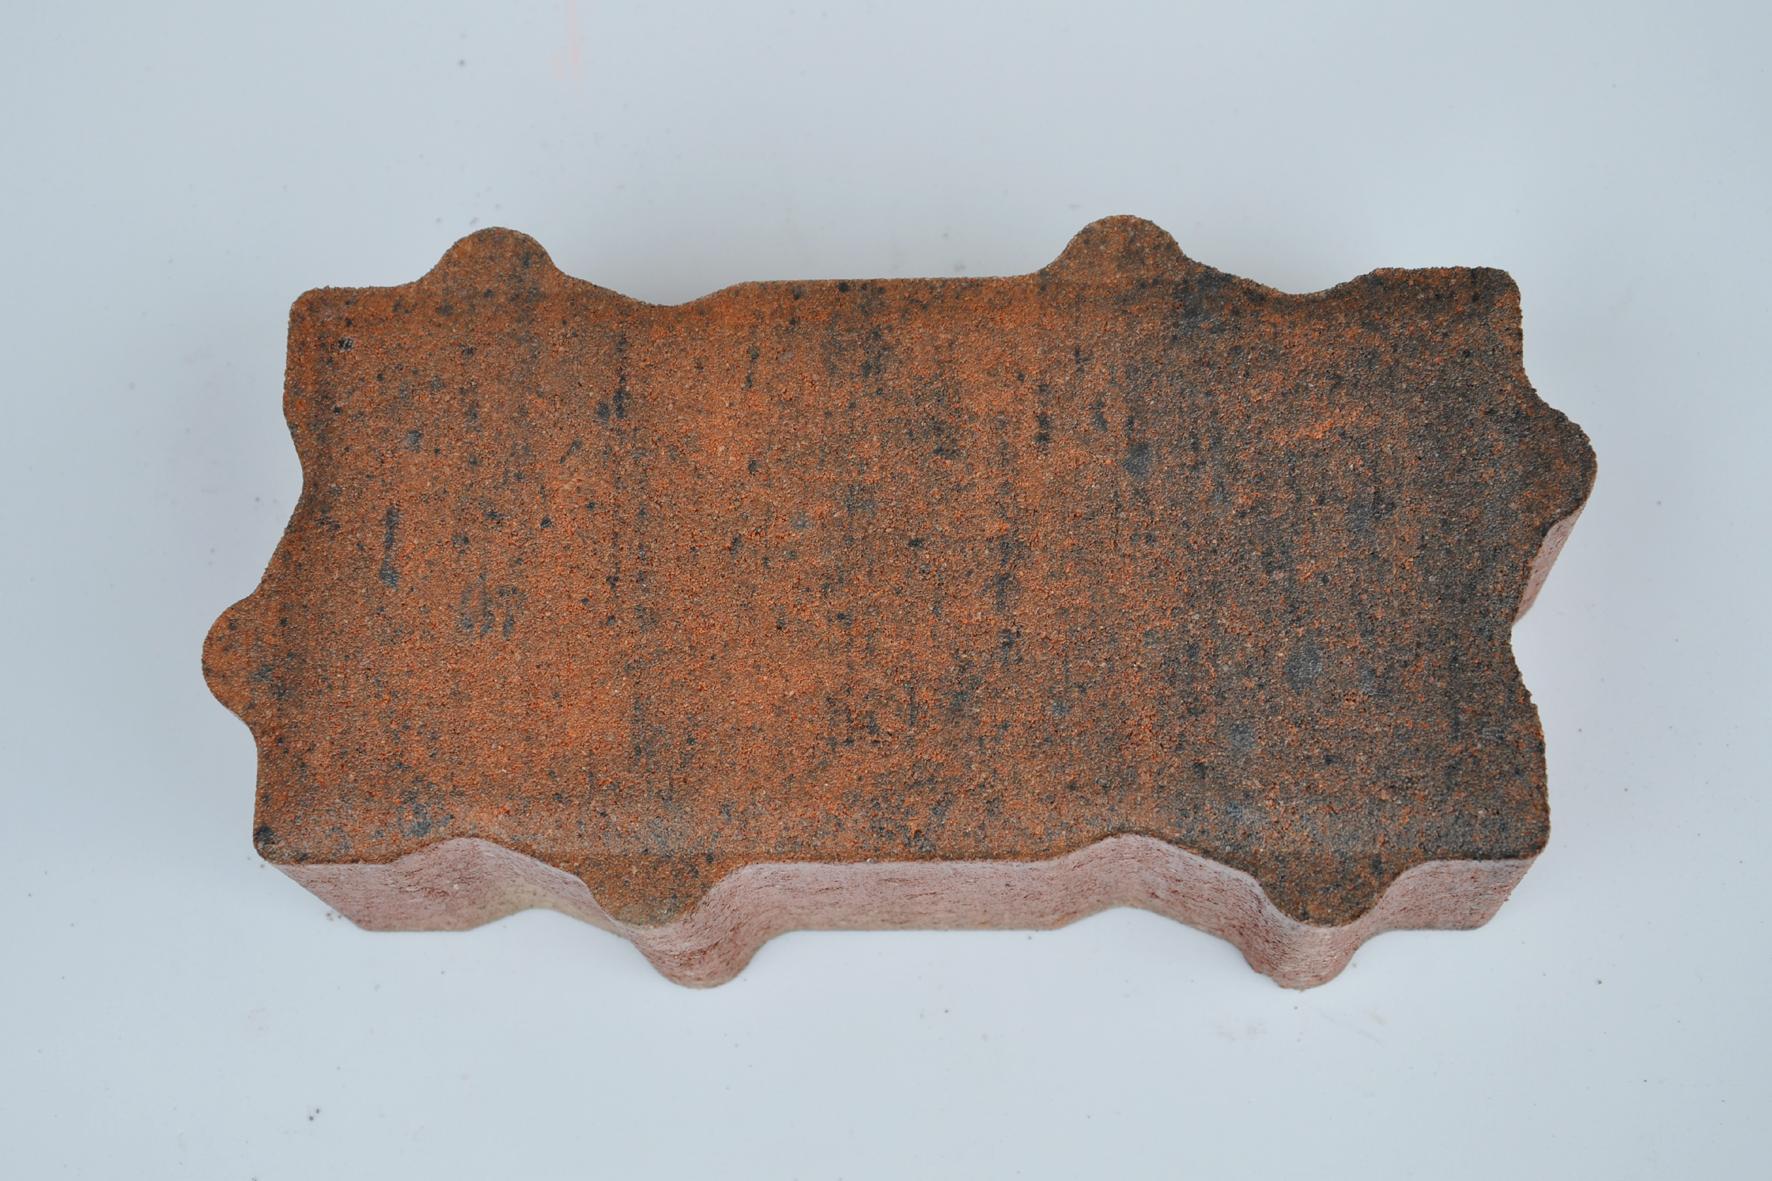 【热】混色砖颜色丰富 防污剂重要性